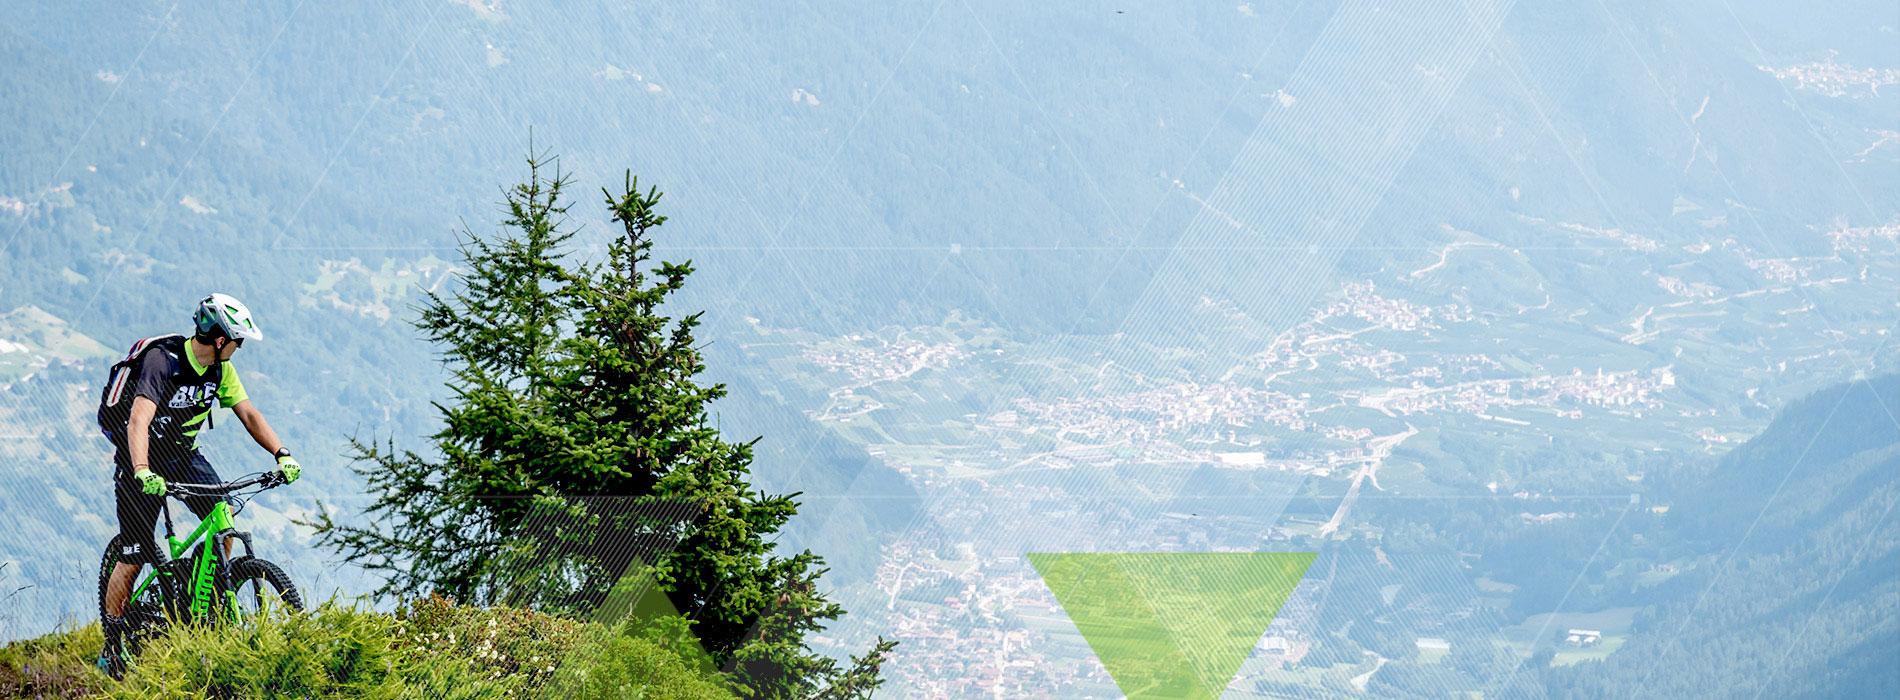 Slide CentroBikeValdiSole.com 1